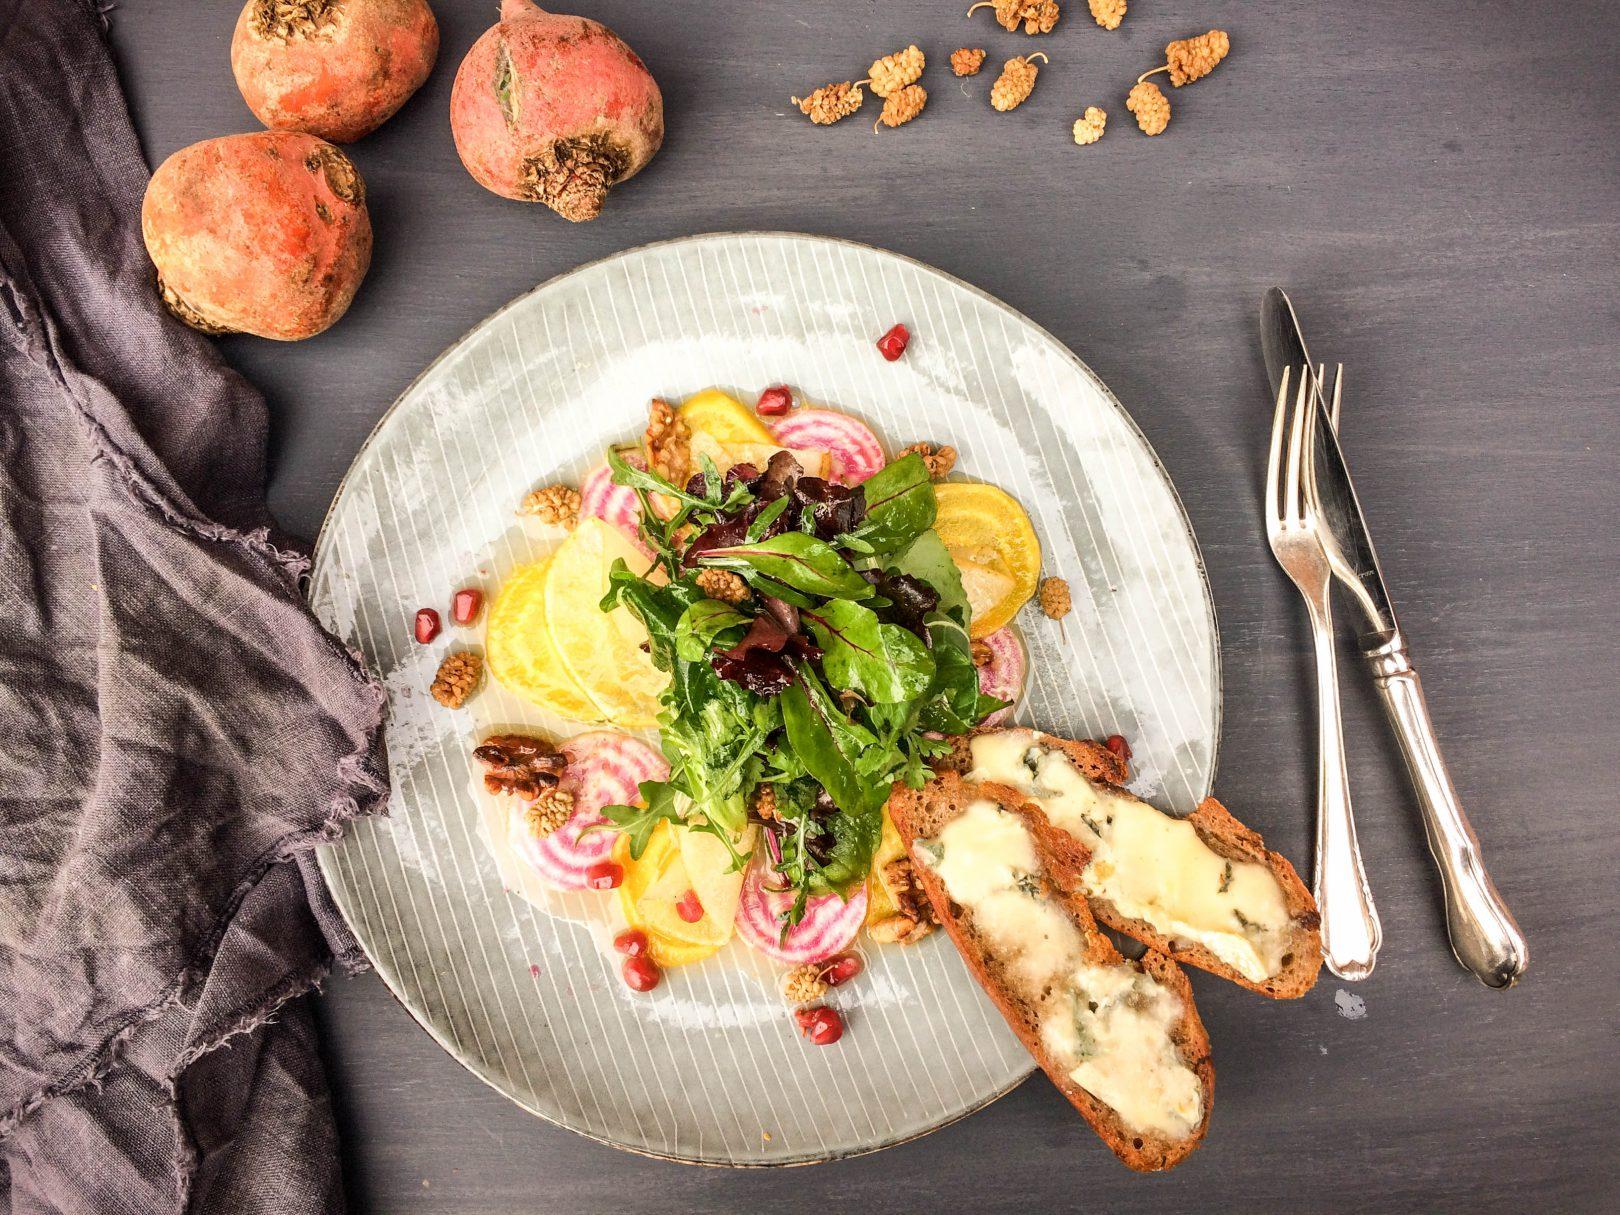 Wildkräutersalat, Ringelbete, Birne und Maulbeeren